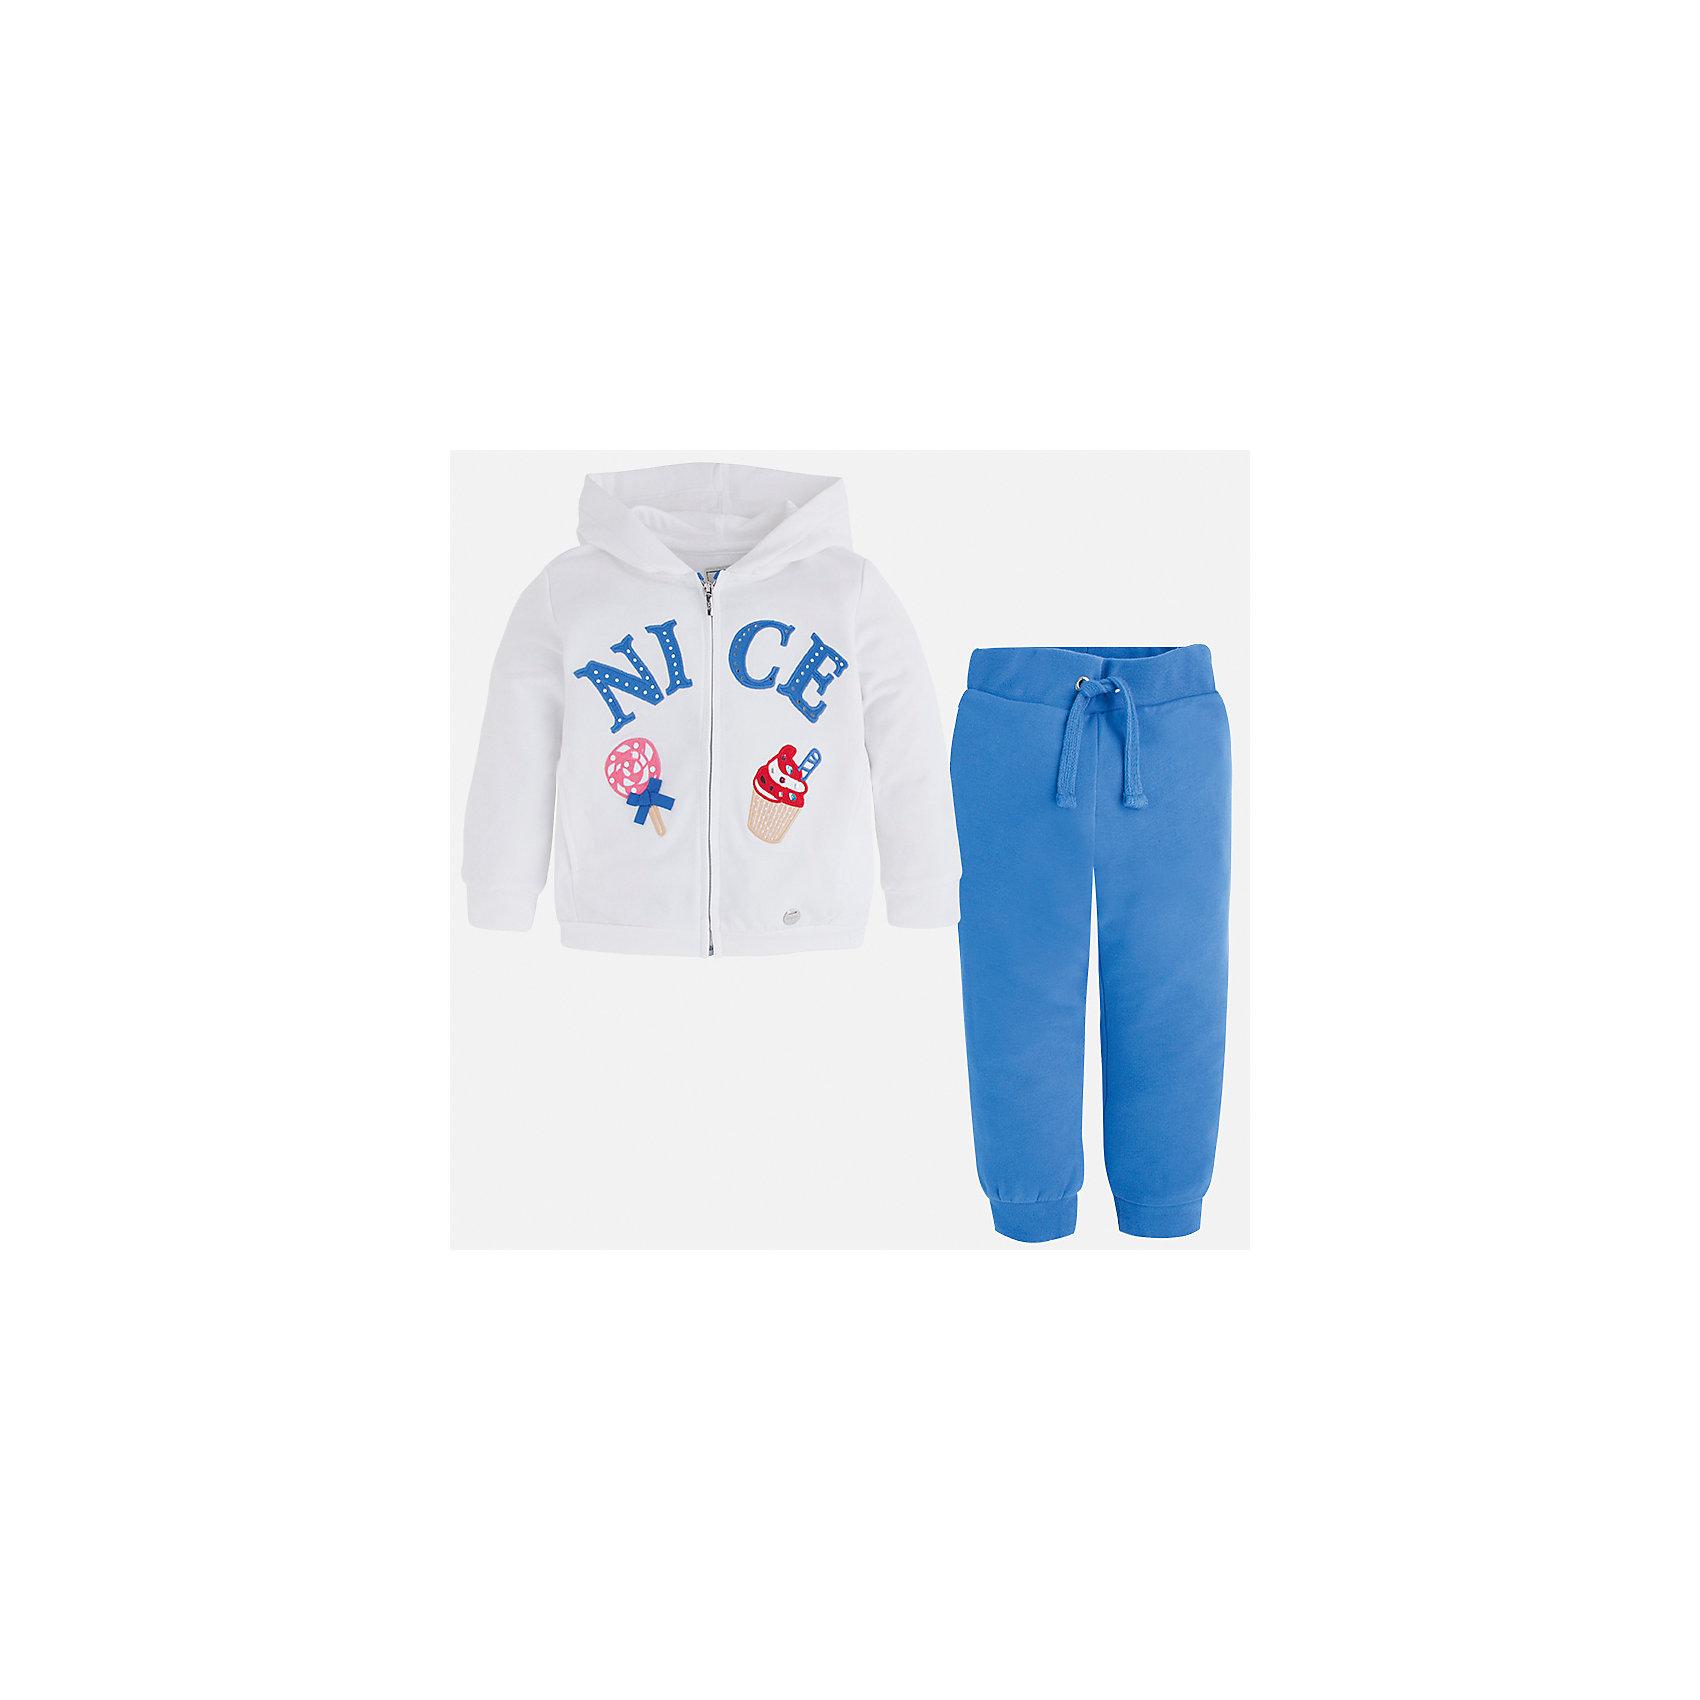 Спортивный костюм для девочки MayoralКомплекты<br>Характеристики товара:<br><br>• цвет: белый/синий<br>• состав: 58% хлопок, 39% полиэстер, 3% эластан<br>• комплектация: курточка, штаны<br>• куртка декорирована принтом<br>• карманы<br>• капюшон<br>• штаны однотонные<br>• пояс на шнурке<br>• манжеты<br>• страна бренда: Испания<br><br>Стильный качественный спортивный костюм для девочки поможет разнообразить гардероб ребенка и удобно одеться в теплую погоду. Курточка и штаны отлично сочетаются с другими предметами. Универсальный цвет позволяет подобрать к вещам верхнюю одежду практически любой расцветки. Интересная отделка модели делает её нарядной и оригинальной. В составе материала - натуральный хлопок, гипоаллергенный, приятный на ощупь, дышащий.<br><br>Одежда, обувь и аксессуары от испанского бренда Mayoral полюбились детям и взрослым по всему миру. Модели этой марки - стильные и удобные. Для их производства используются только безопасные, качественные материалы и фурнитура. Порадуйте ребенка модными и красивыми вещами от Mayoral! <br><br>Спортивный костюм для девочки от испанского бренда Mayoral (Майорал) можно купить в нашем интернет-магазине.<br><br>Ширина мм: 199<br>Глубина мм: 10<br>Высота мм: 161<br>Вес г: 151<br>Цвет: голубой<br>Возраст от месяцев: 48<br>Возраст до месяцев: 60<br>Пол: Женский<br>Возраст: Детский<br>Размер: 110,98,92,122,128,116,104,134<br>SKU: 4071563